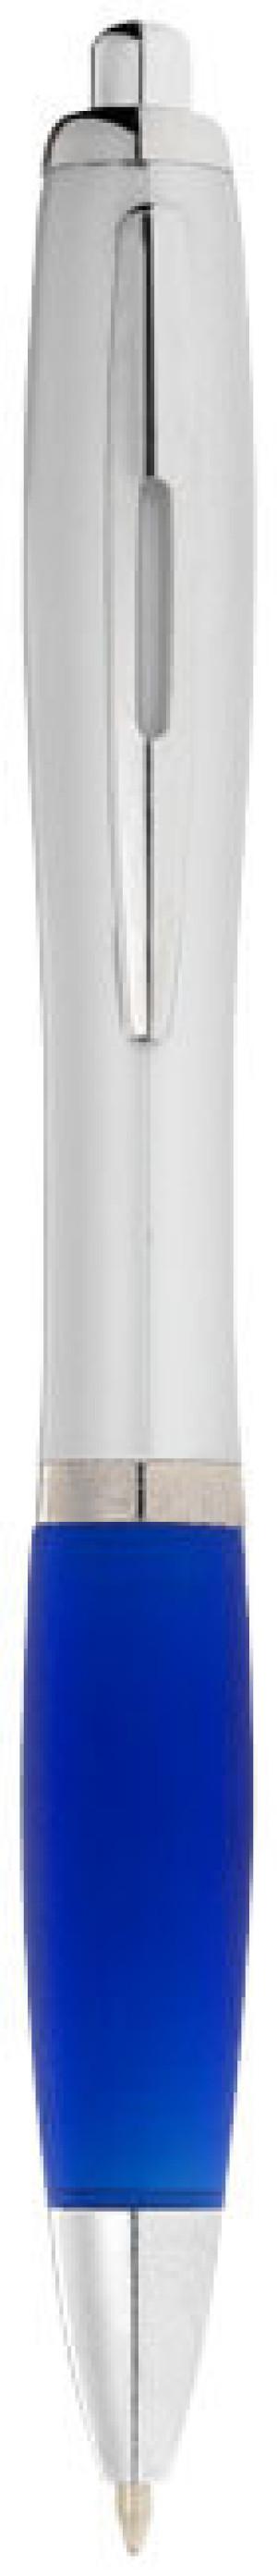 obrazok Guľôčkové pero Nash s farebným úchopom - Reklamnepredmety